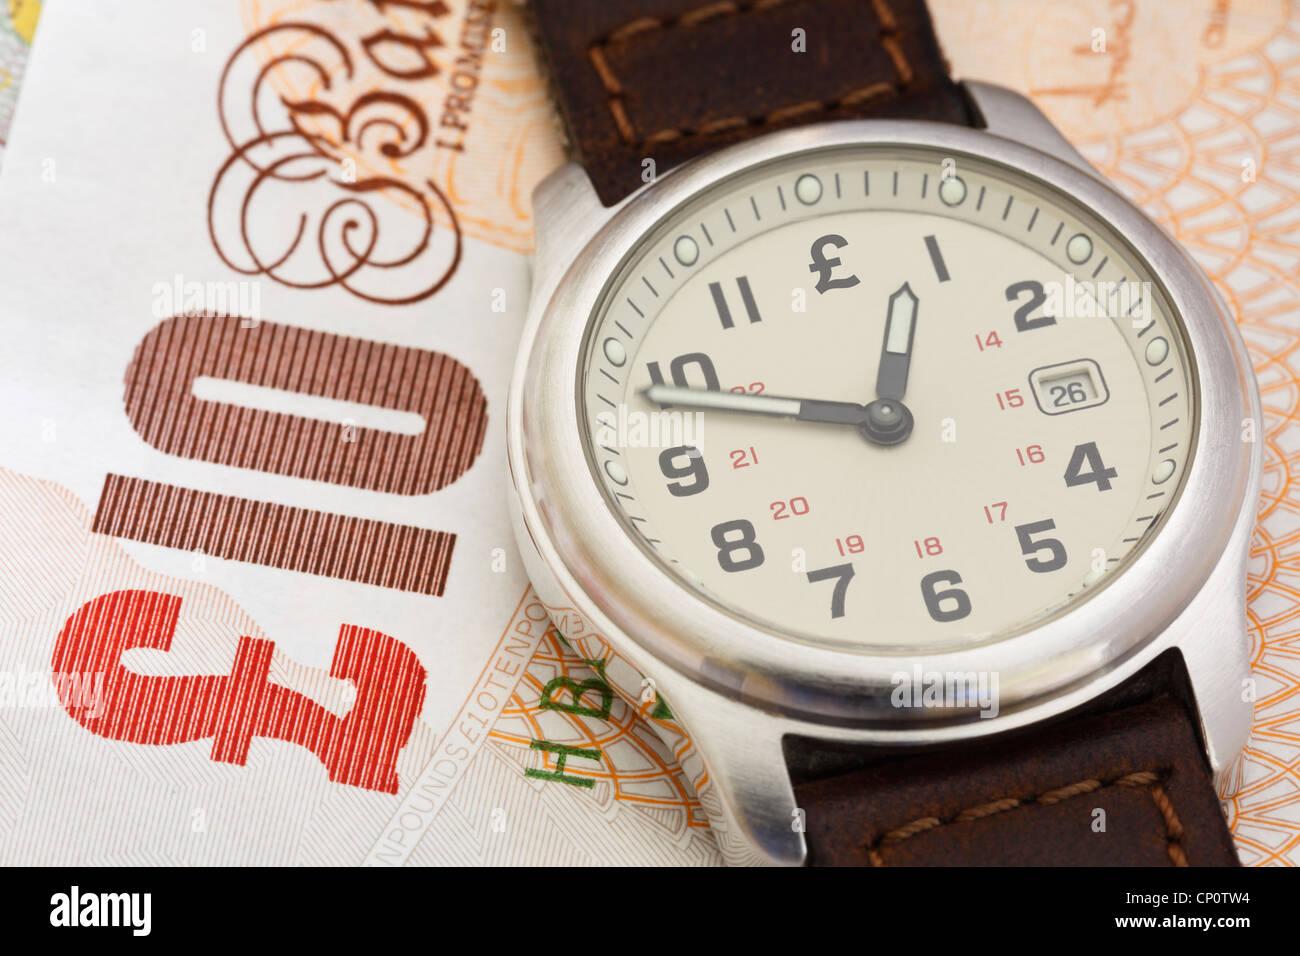 Reloj de pulsera reloj sobre una nota de diez libras esterlinas GBP para ilustrar el tiempo de poner dinero en concepto de pensión. Inglaterra, Reino Unido, Gran Bretaña Foto de stock